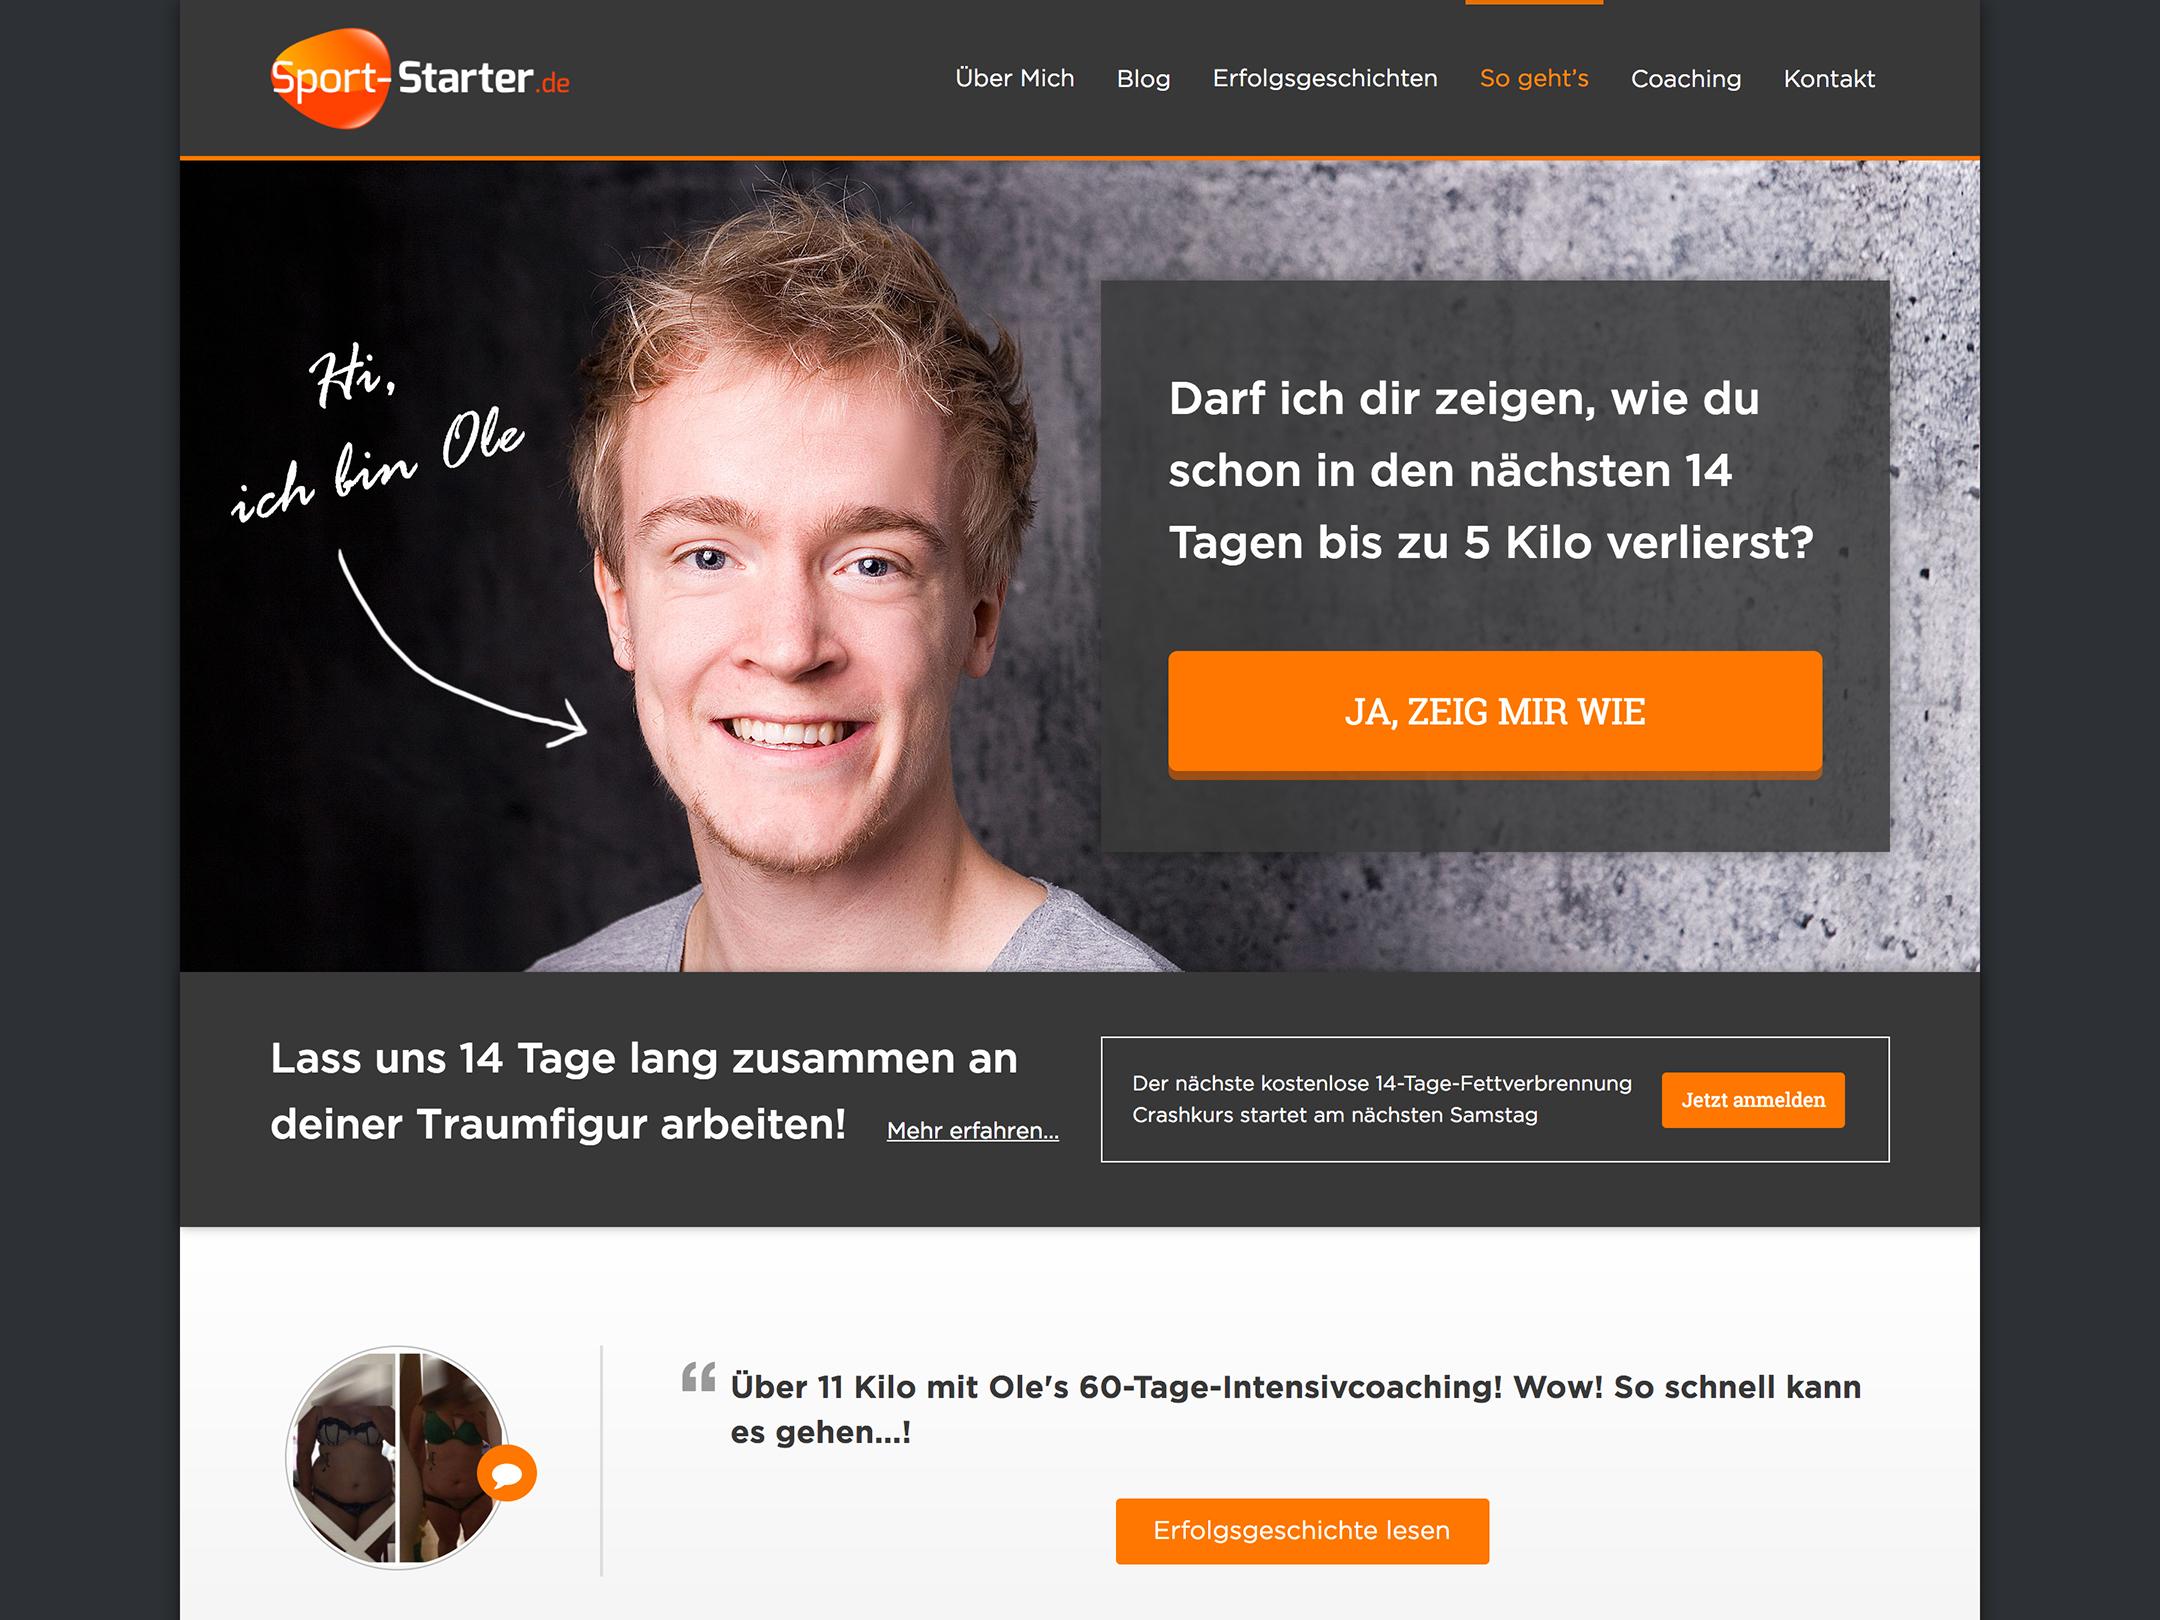 Custom Website Design For Sport Starter